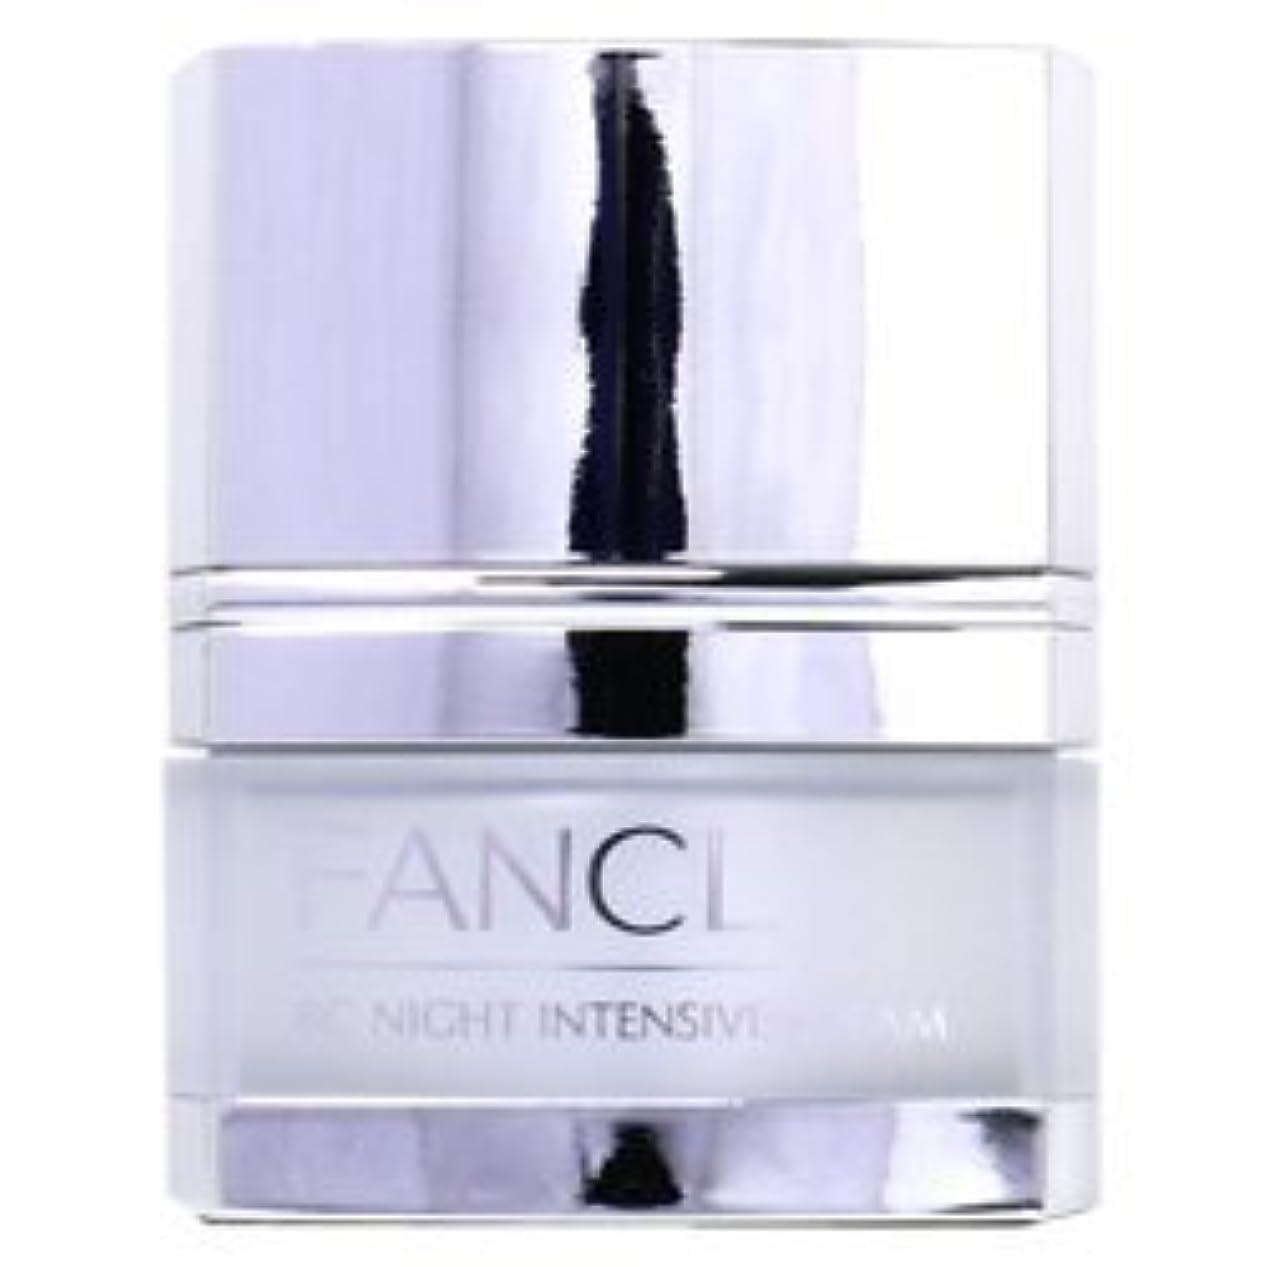 免疫窓線FANCL ファンケル BC ナイト インテンシヴ クリーム 20g